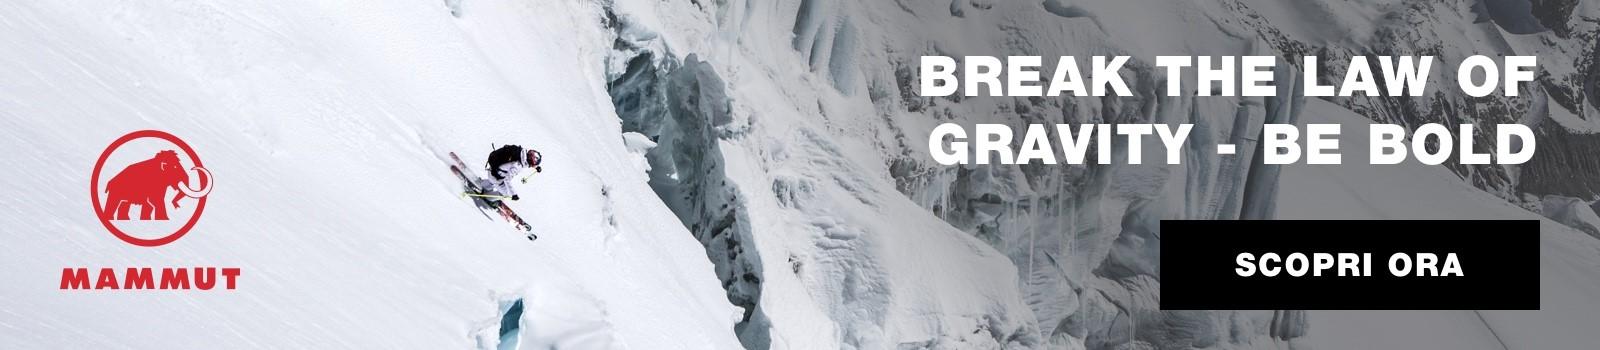 Mammut prodotti per alpinismo invernale